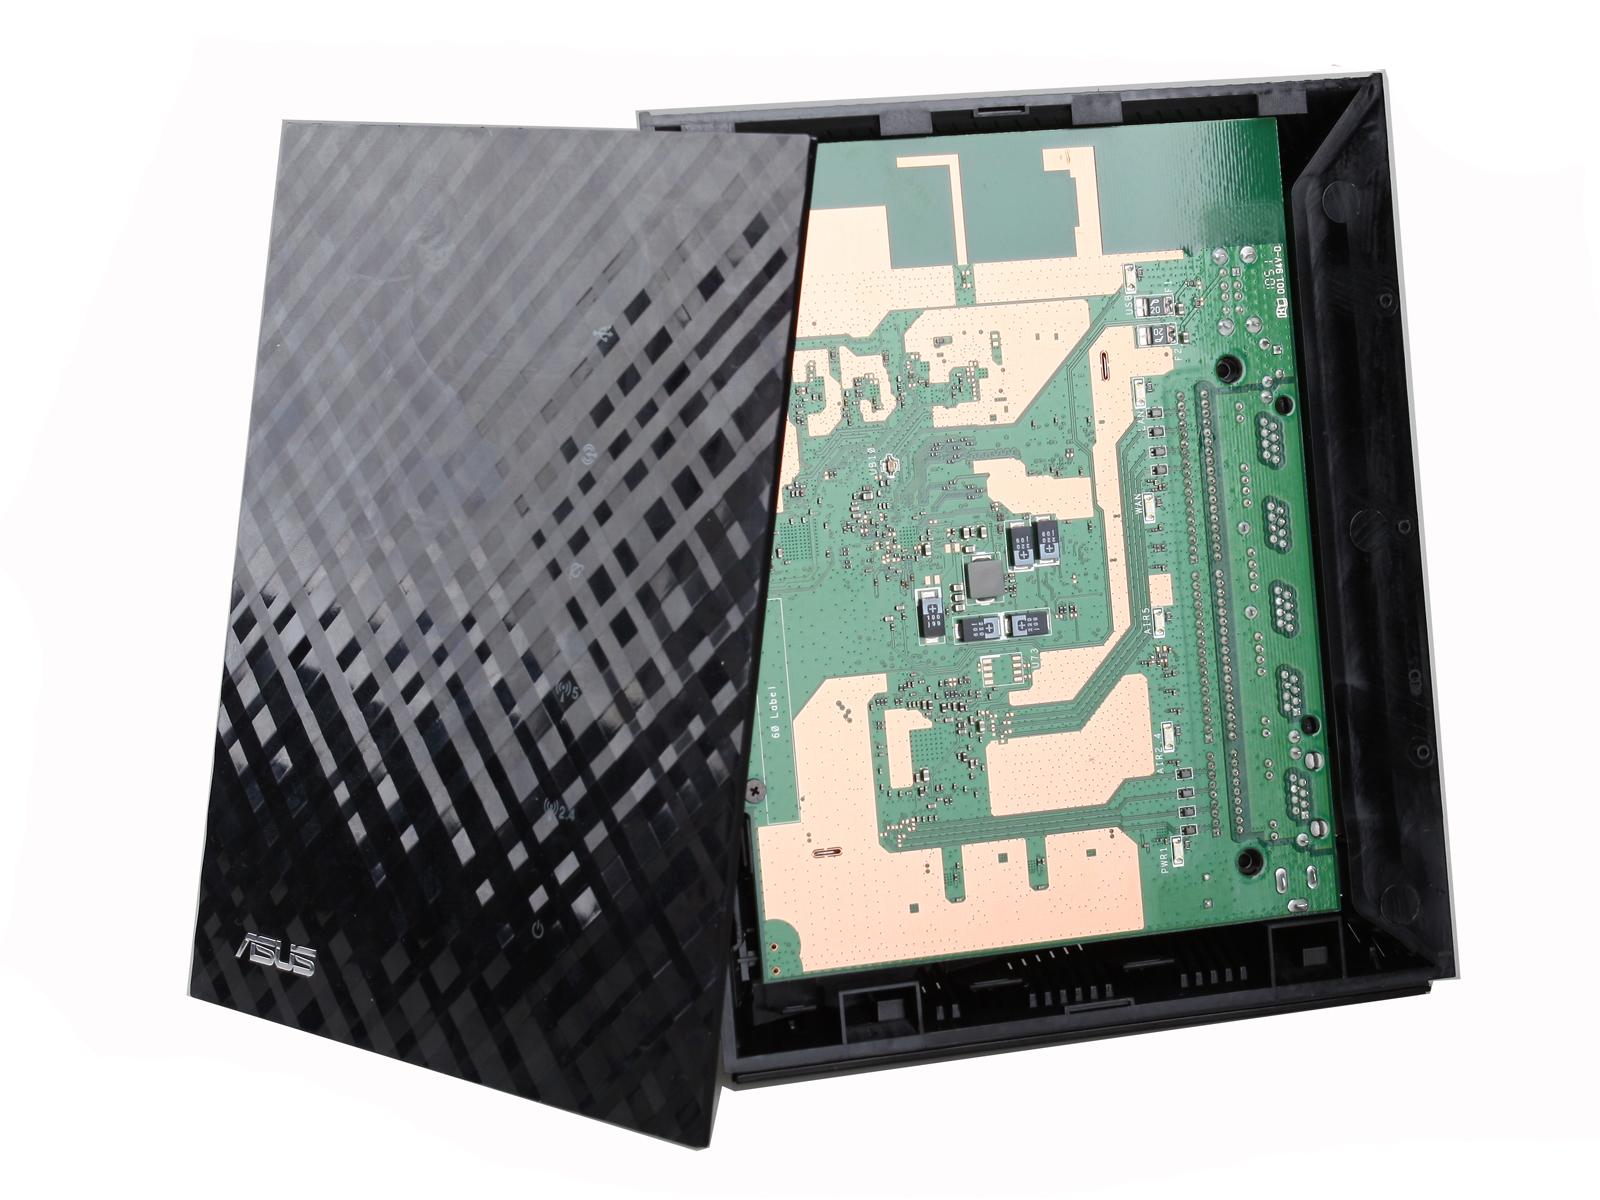 [转帖]华硕 Asus N56U 无线路由器拆解